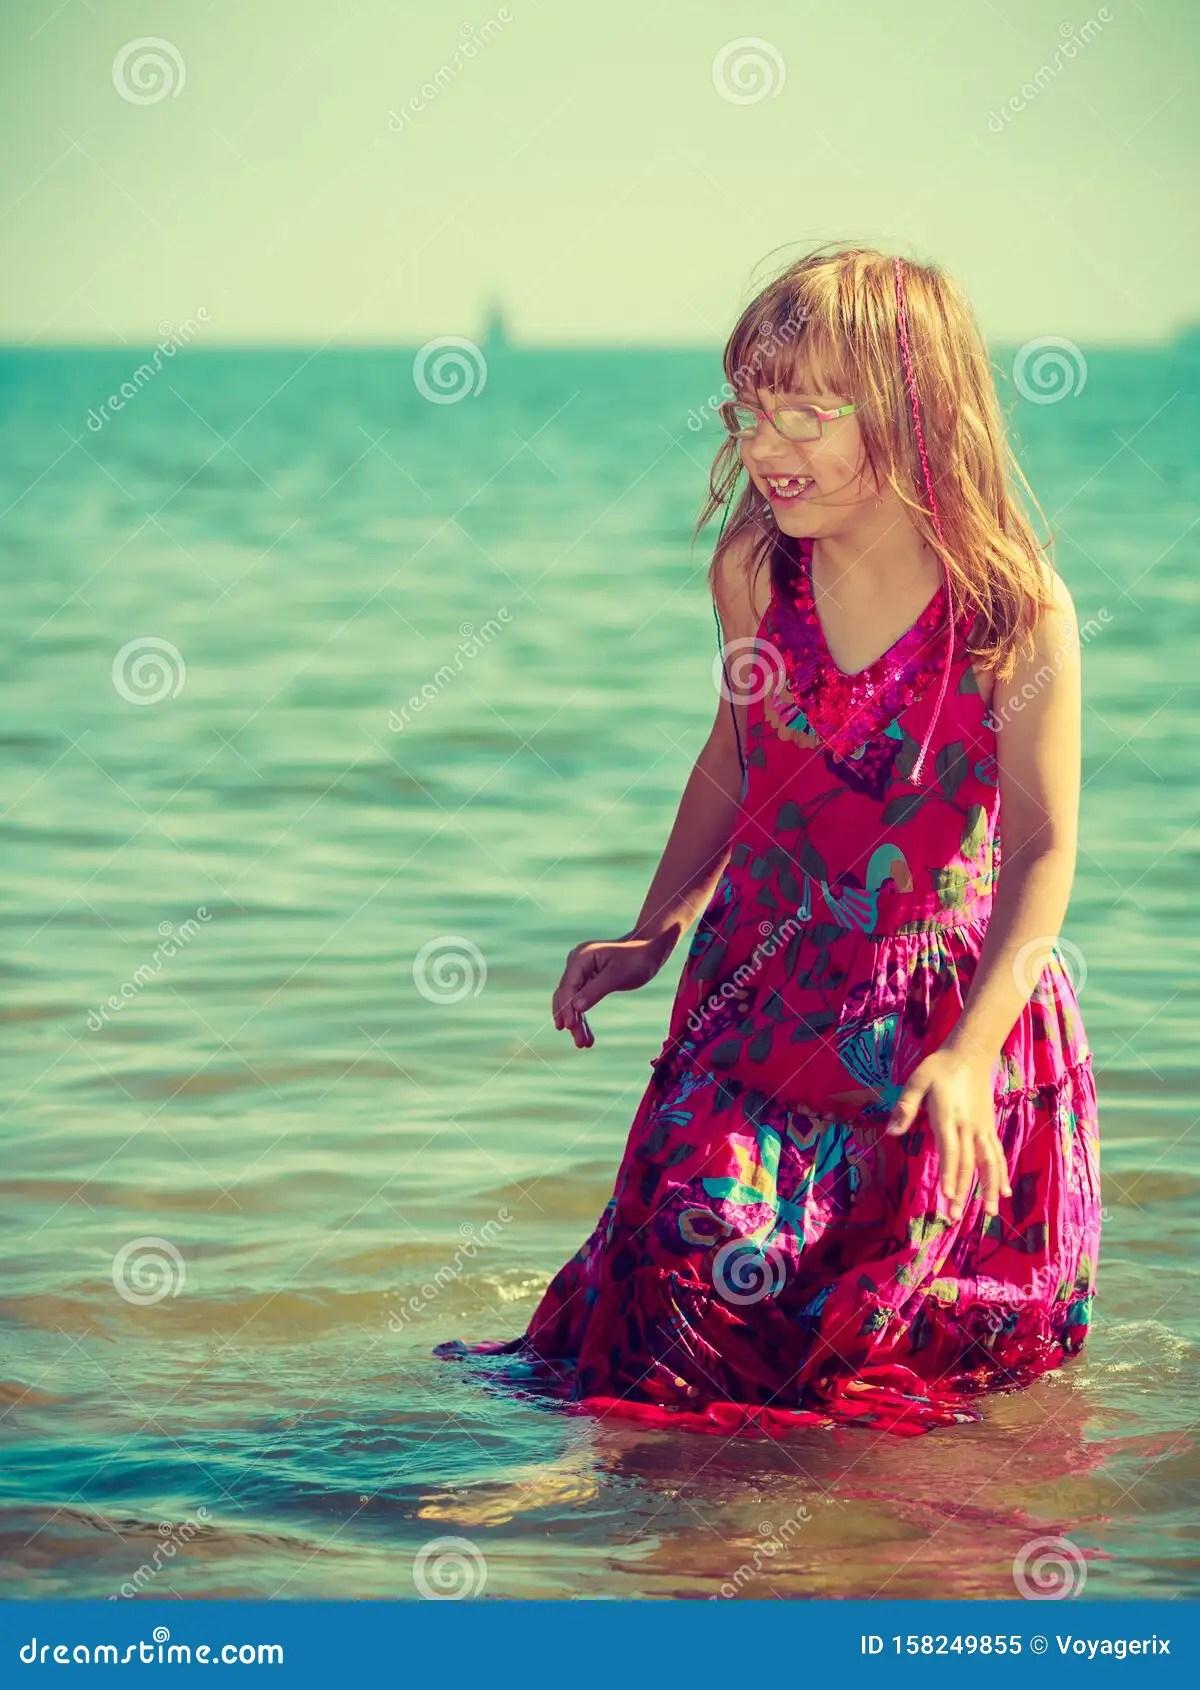 La Jeune Fille De L'eau : jeune, fille, l'eau, Jeune, Fille, Vêtue, Jouant, L'eau, Image, Stock, Vêtue,, Robe:, 158249855